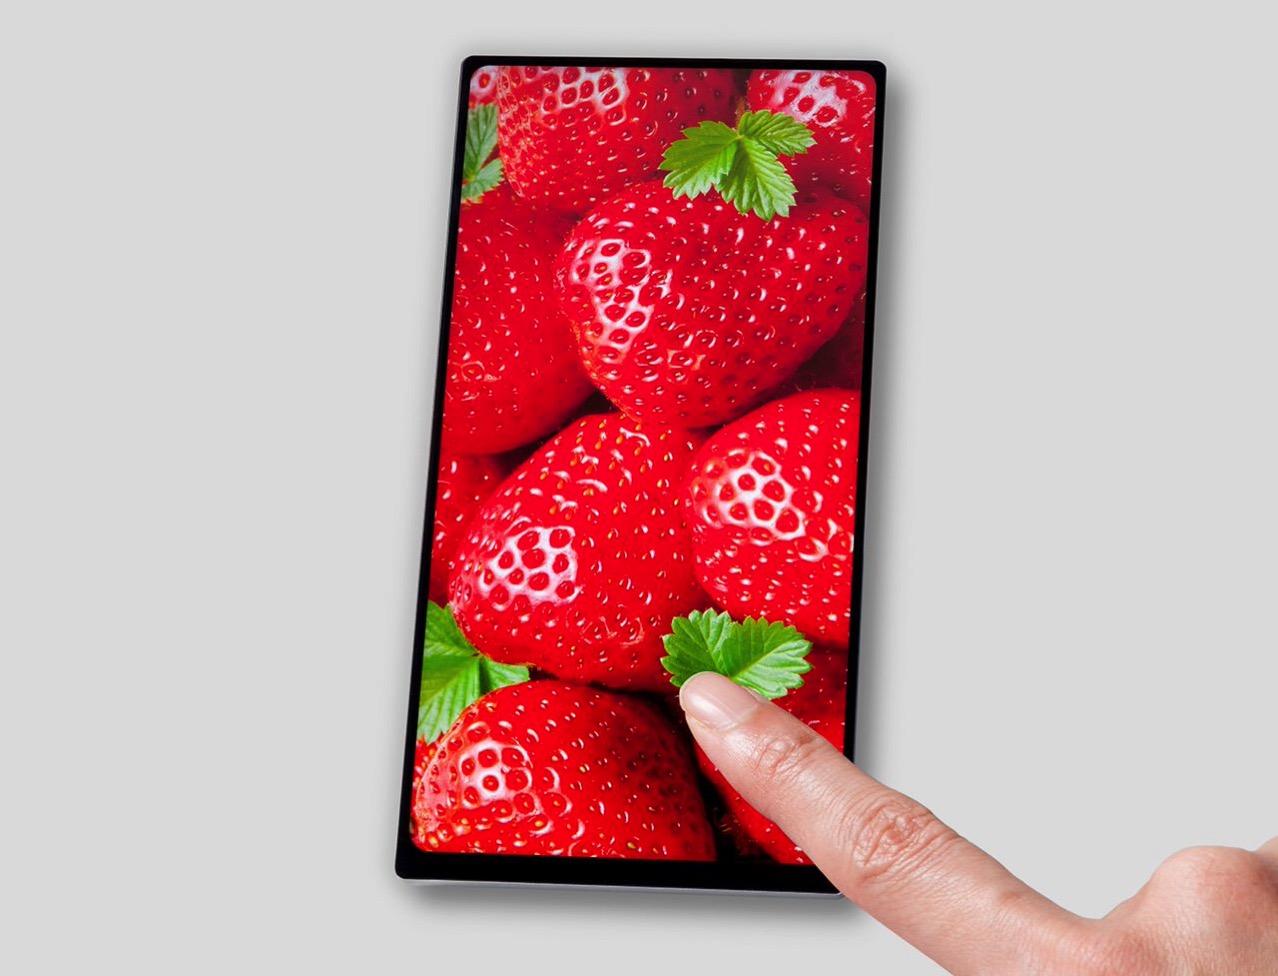 JDI、2018年秋発売予定のiPhone向け液晶パネルを多数受注